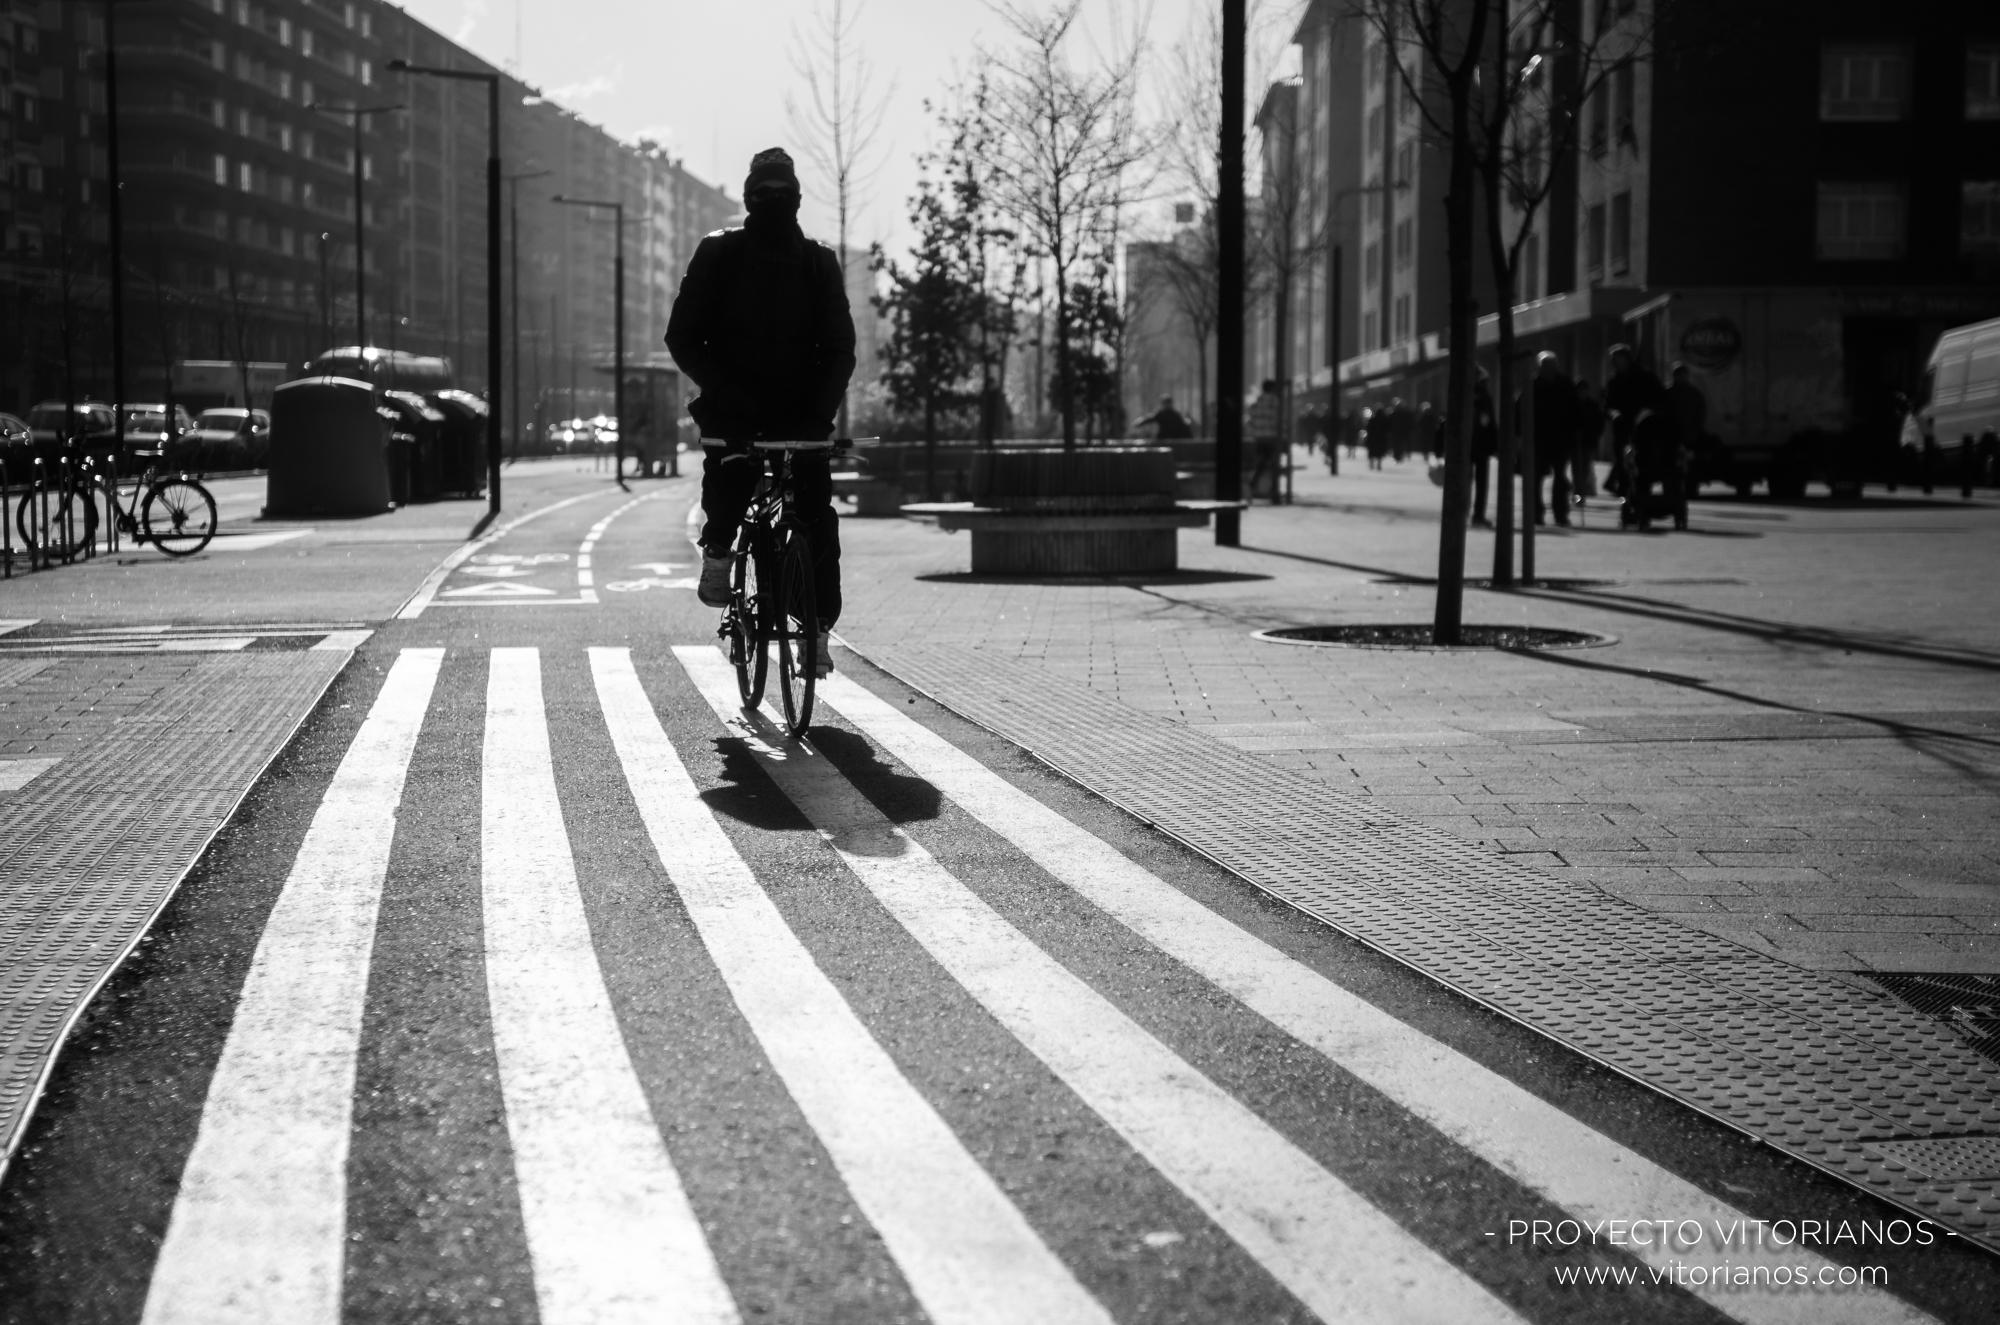 Vitoriano en La Avenida - Foto: José Luis Zúñiga